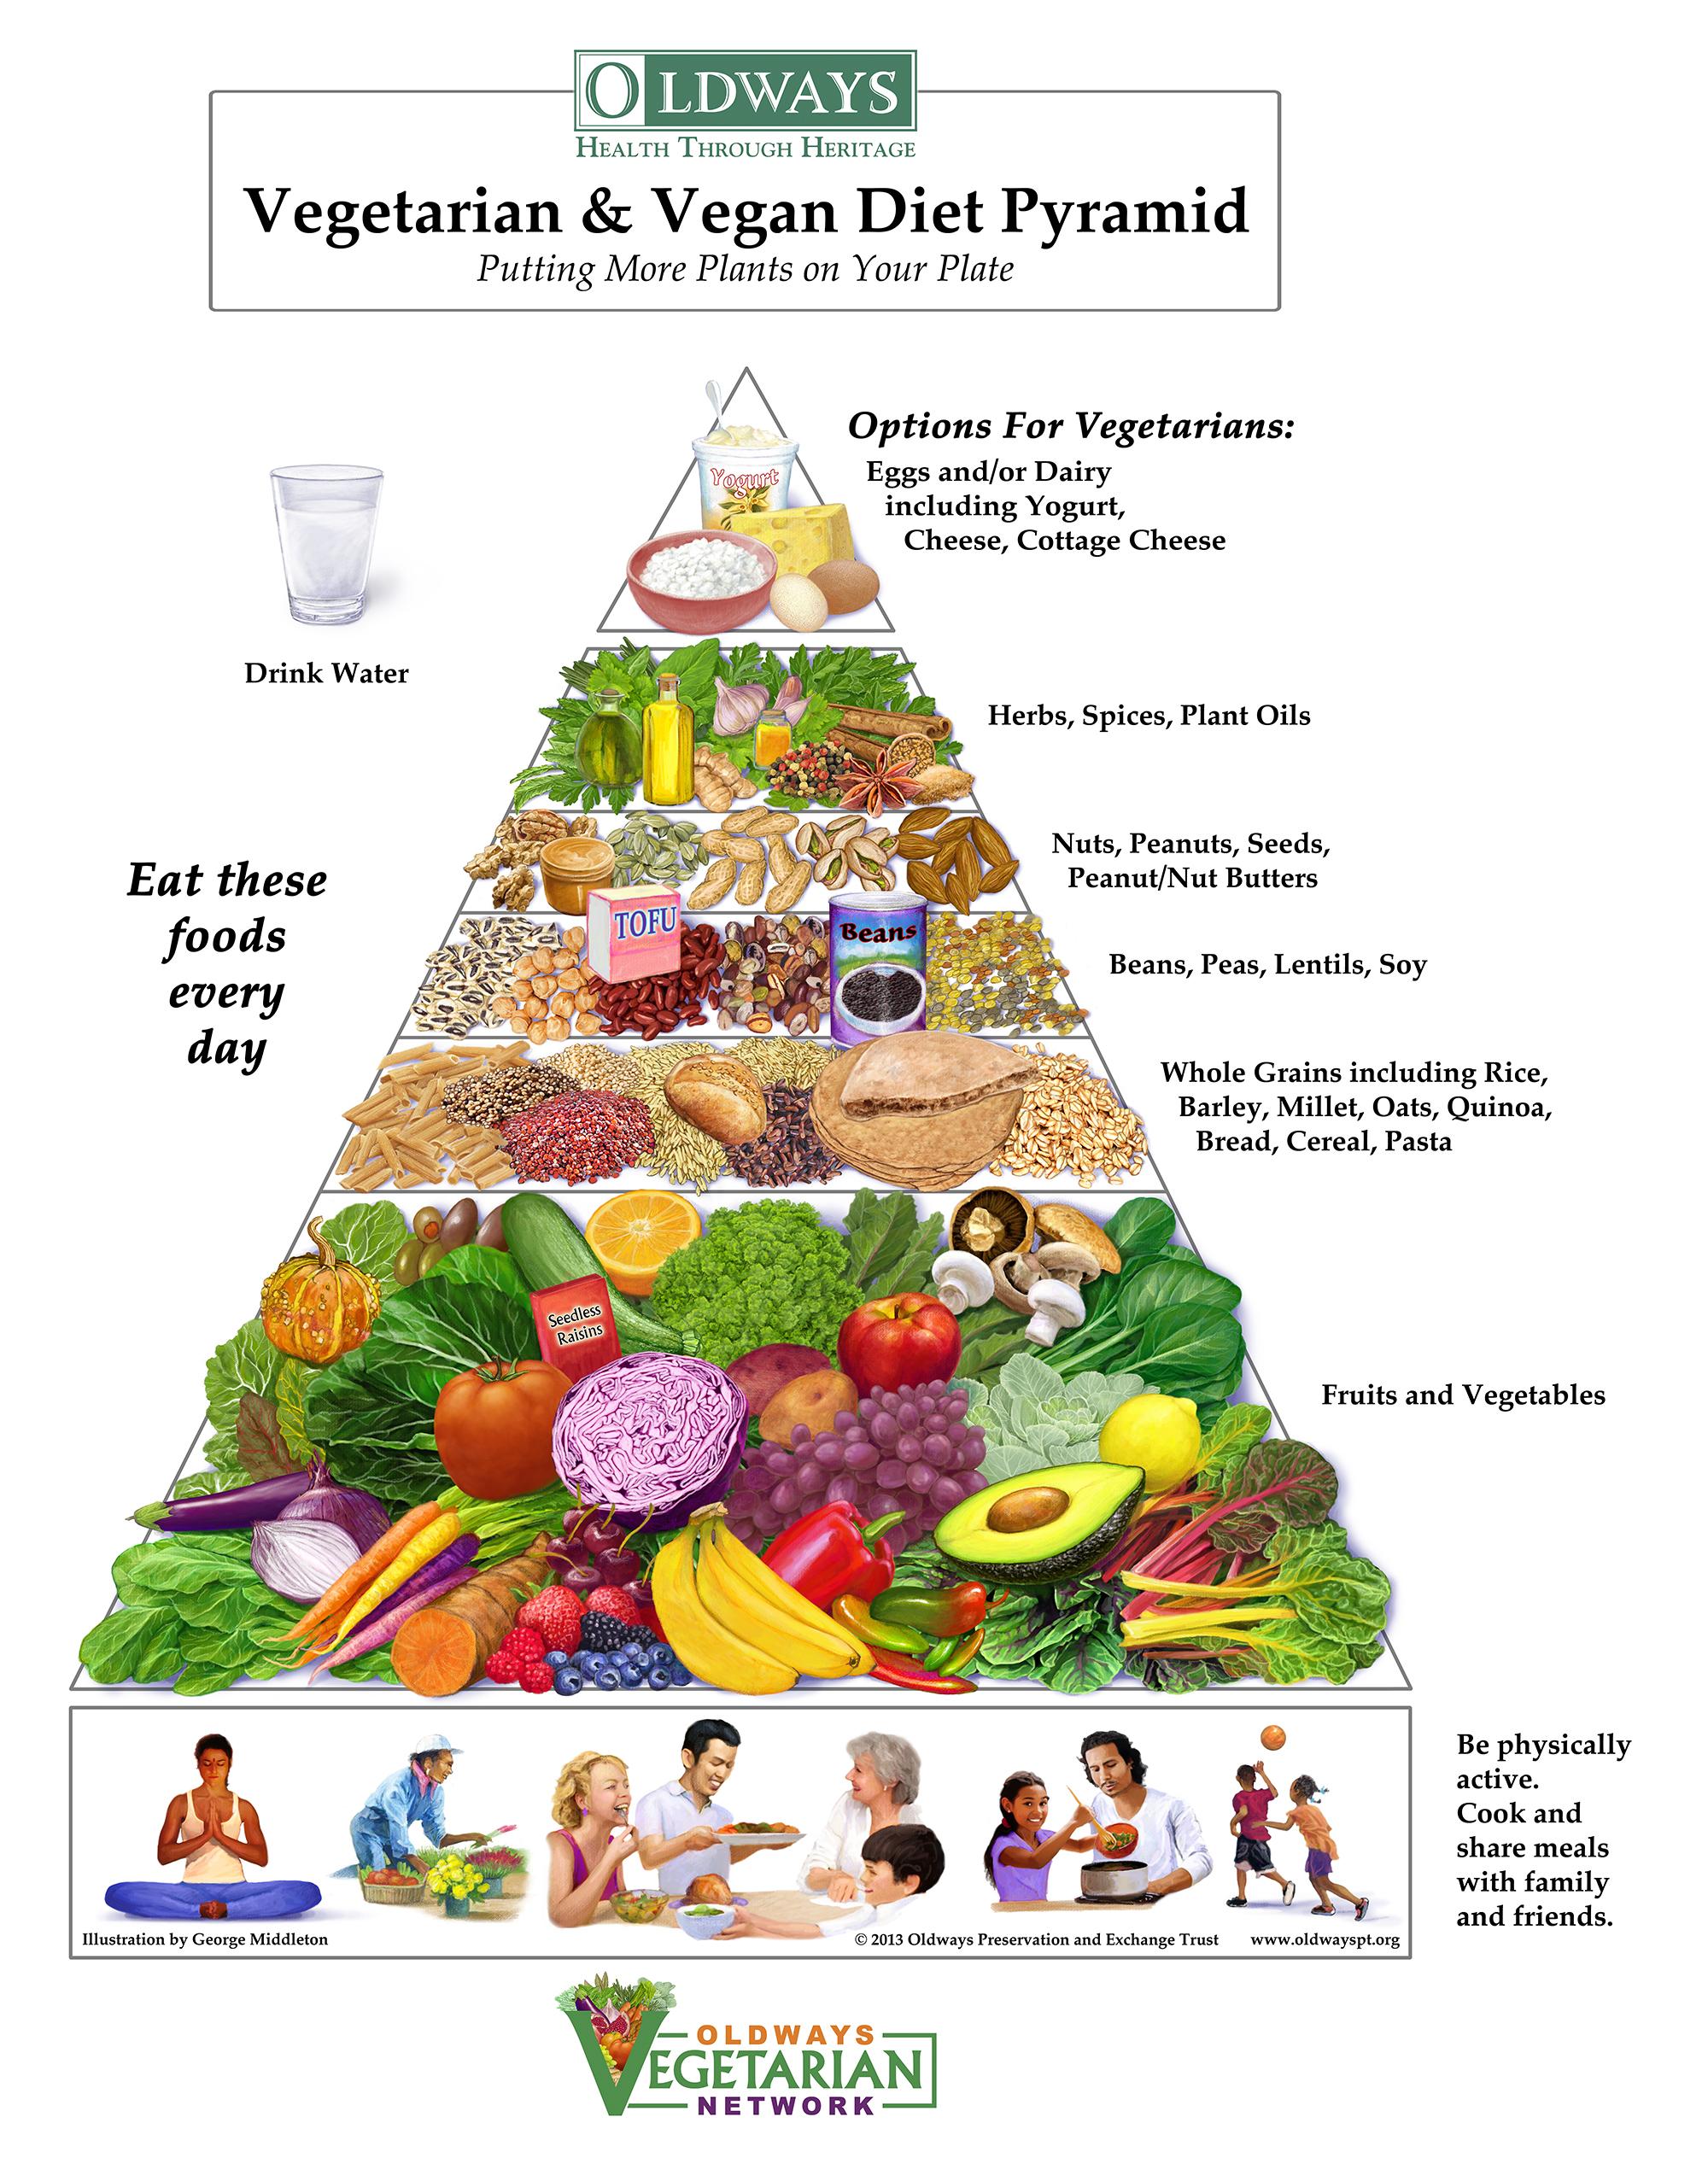 V&VDietPyramid_2000x2527.jpg